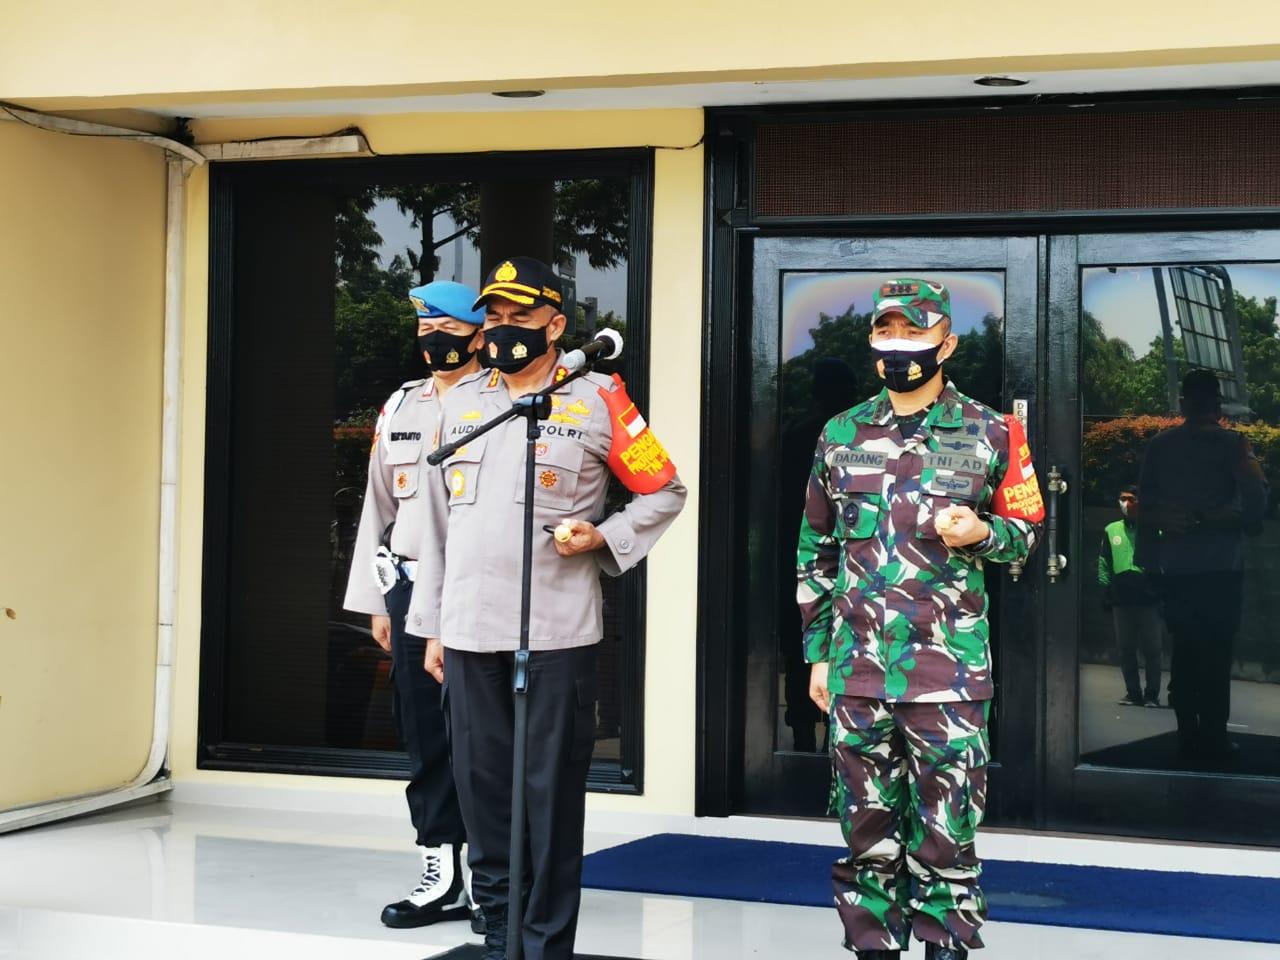 Kapolres Metro Jakarta Barat bersama Dandim 0503 JB Melepas Team Khusus Penegak Disiplin Protokol Kesehatan Covid-19